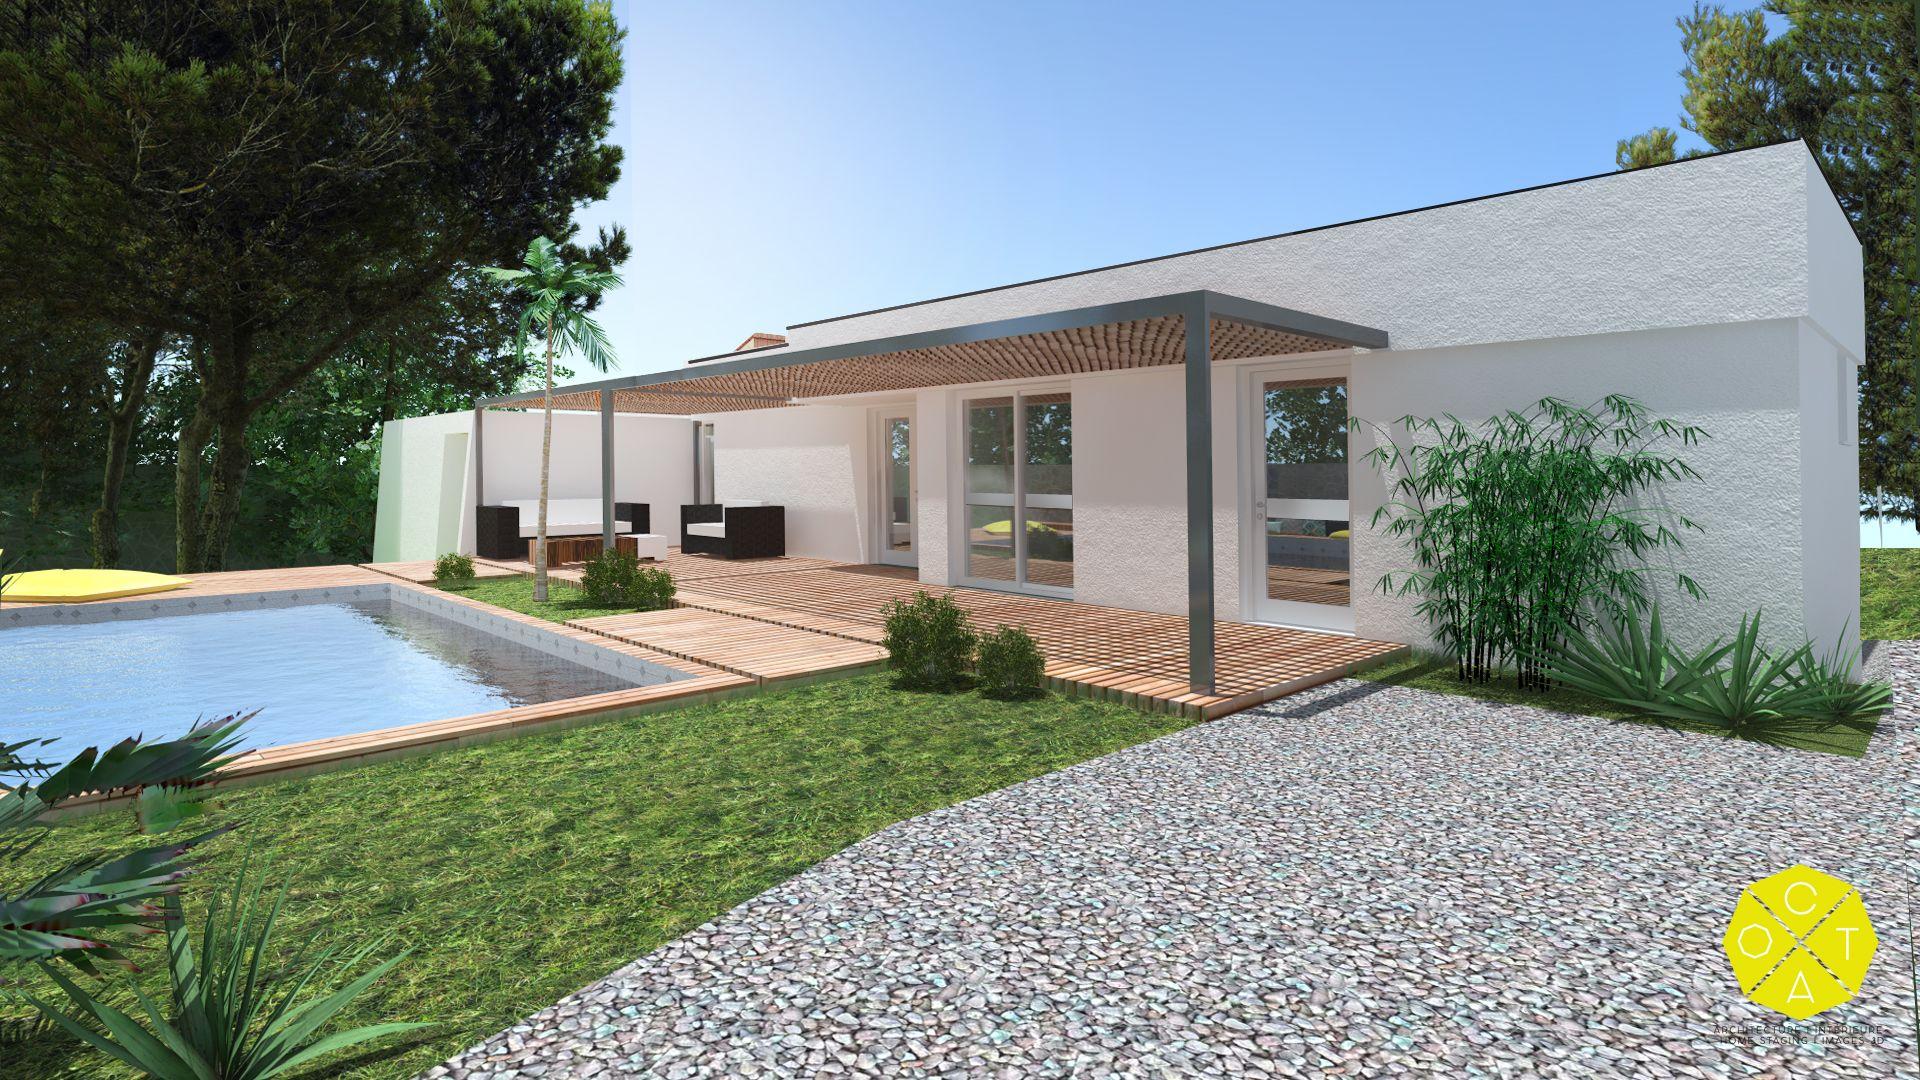 Maison Compas Architecture Interieure Architecture Maison